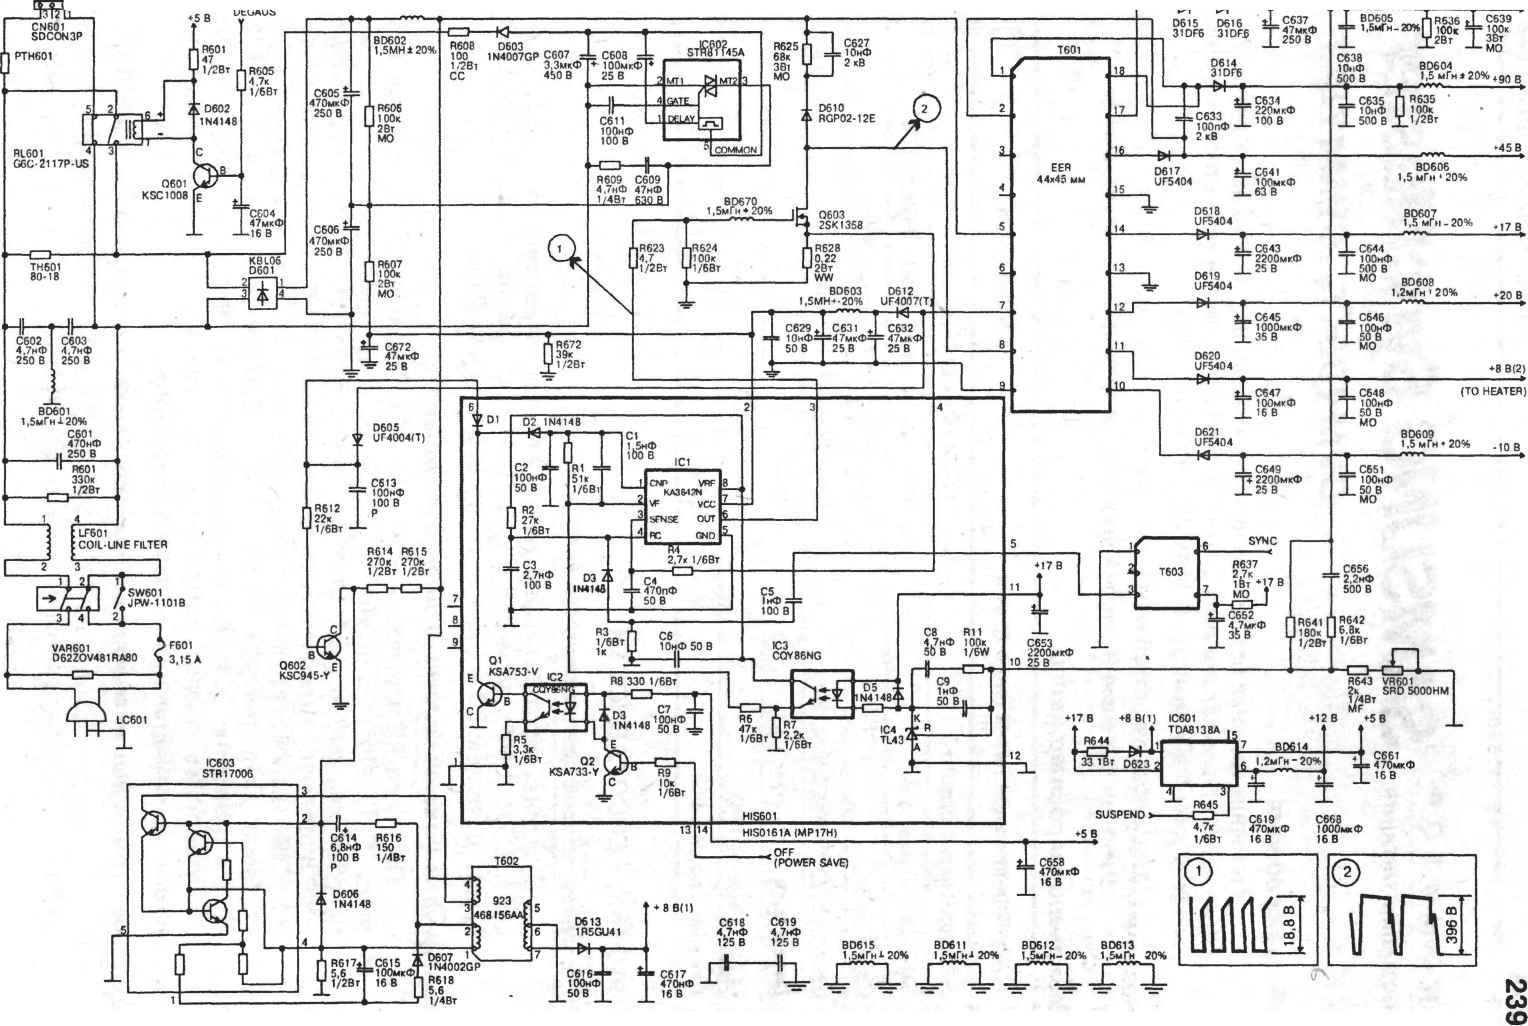 схема сборки samsung r610